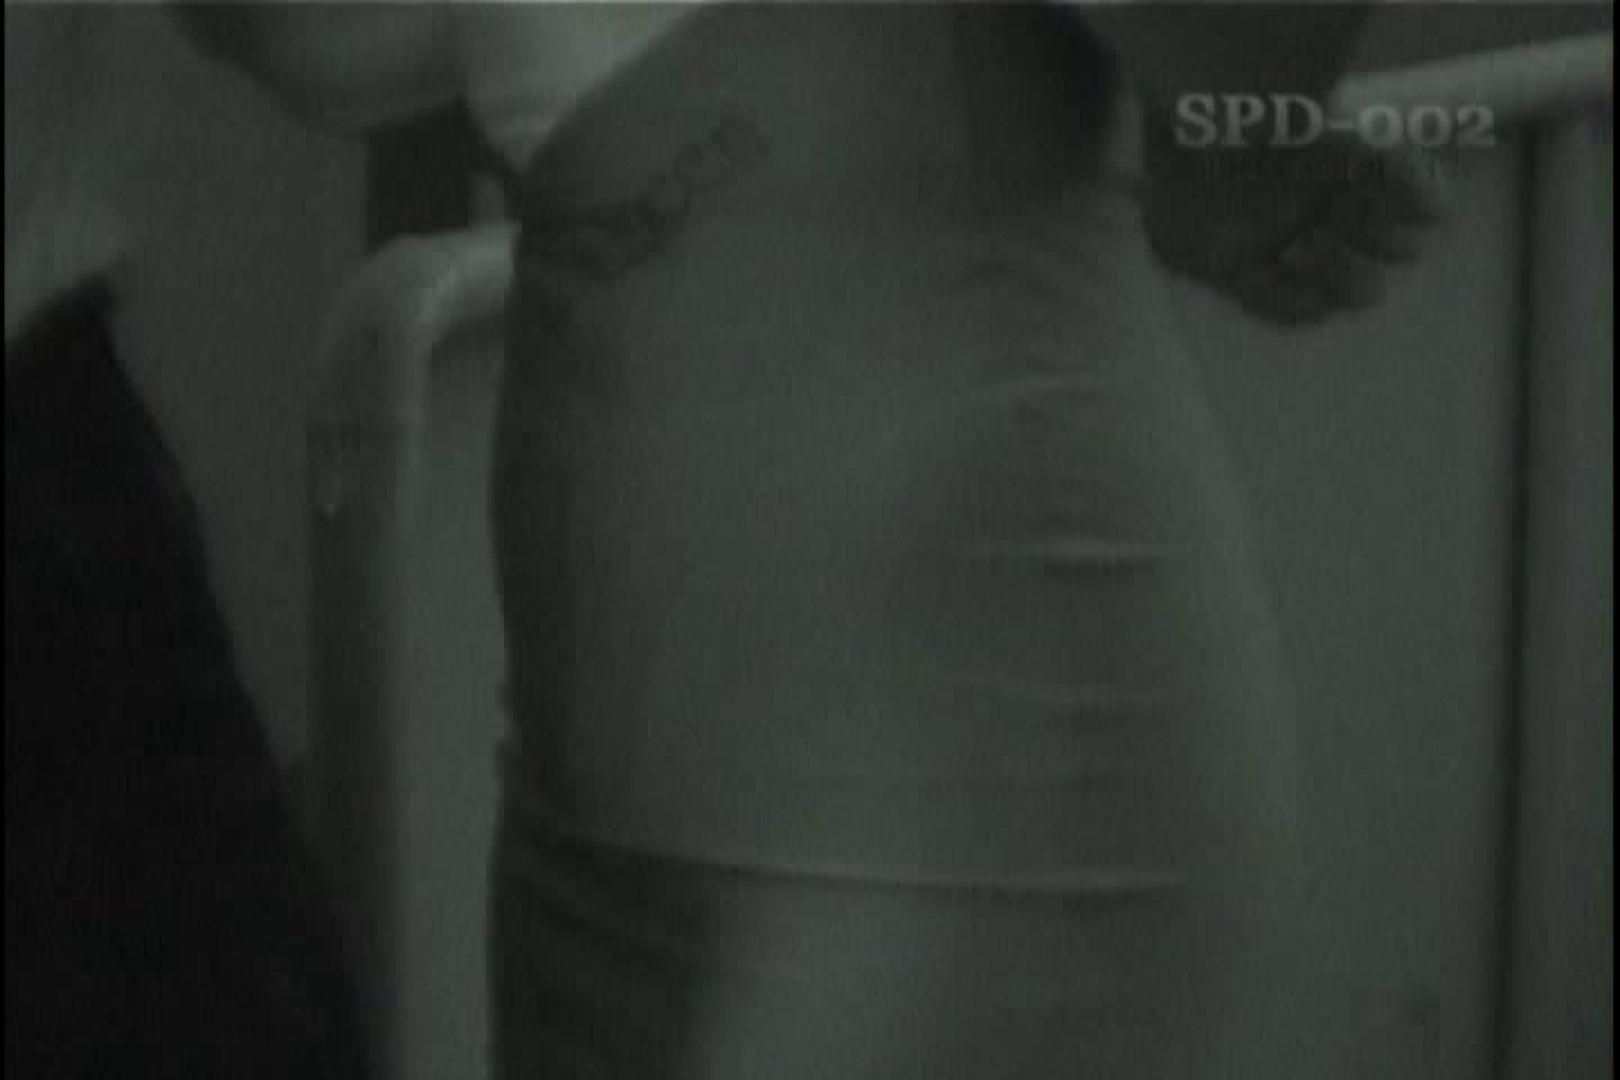 高画質版!SPD-002 レースクイーン 赤外線&盗撮 レースクィーン | 0  95画像 73